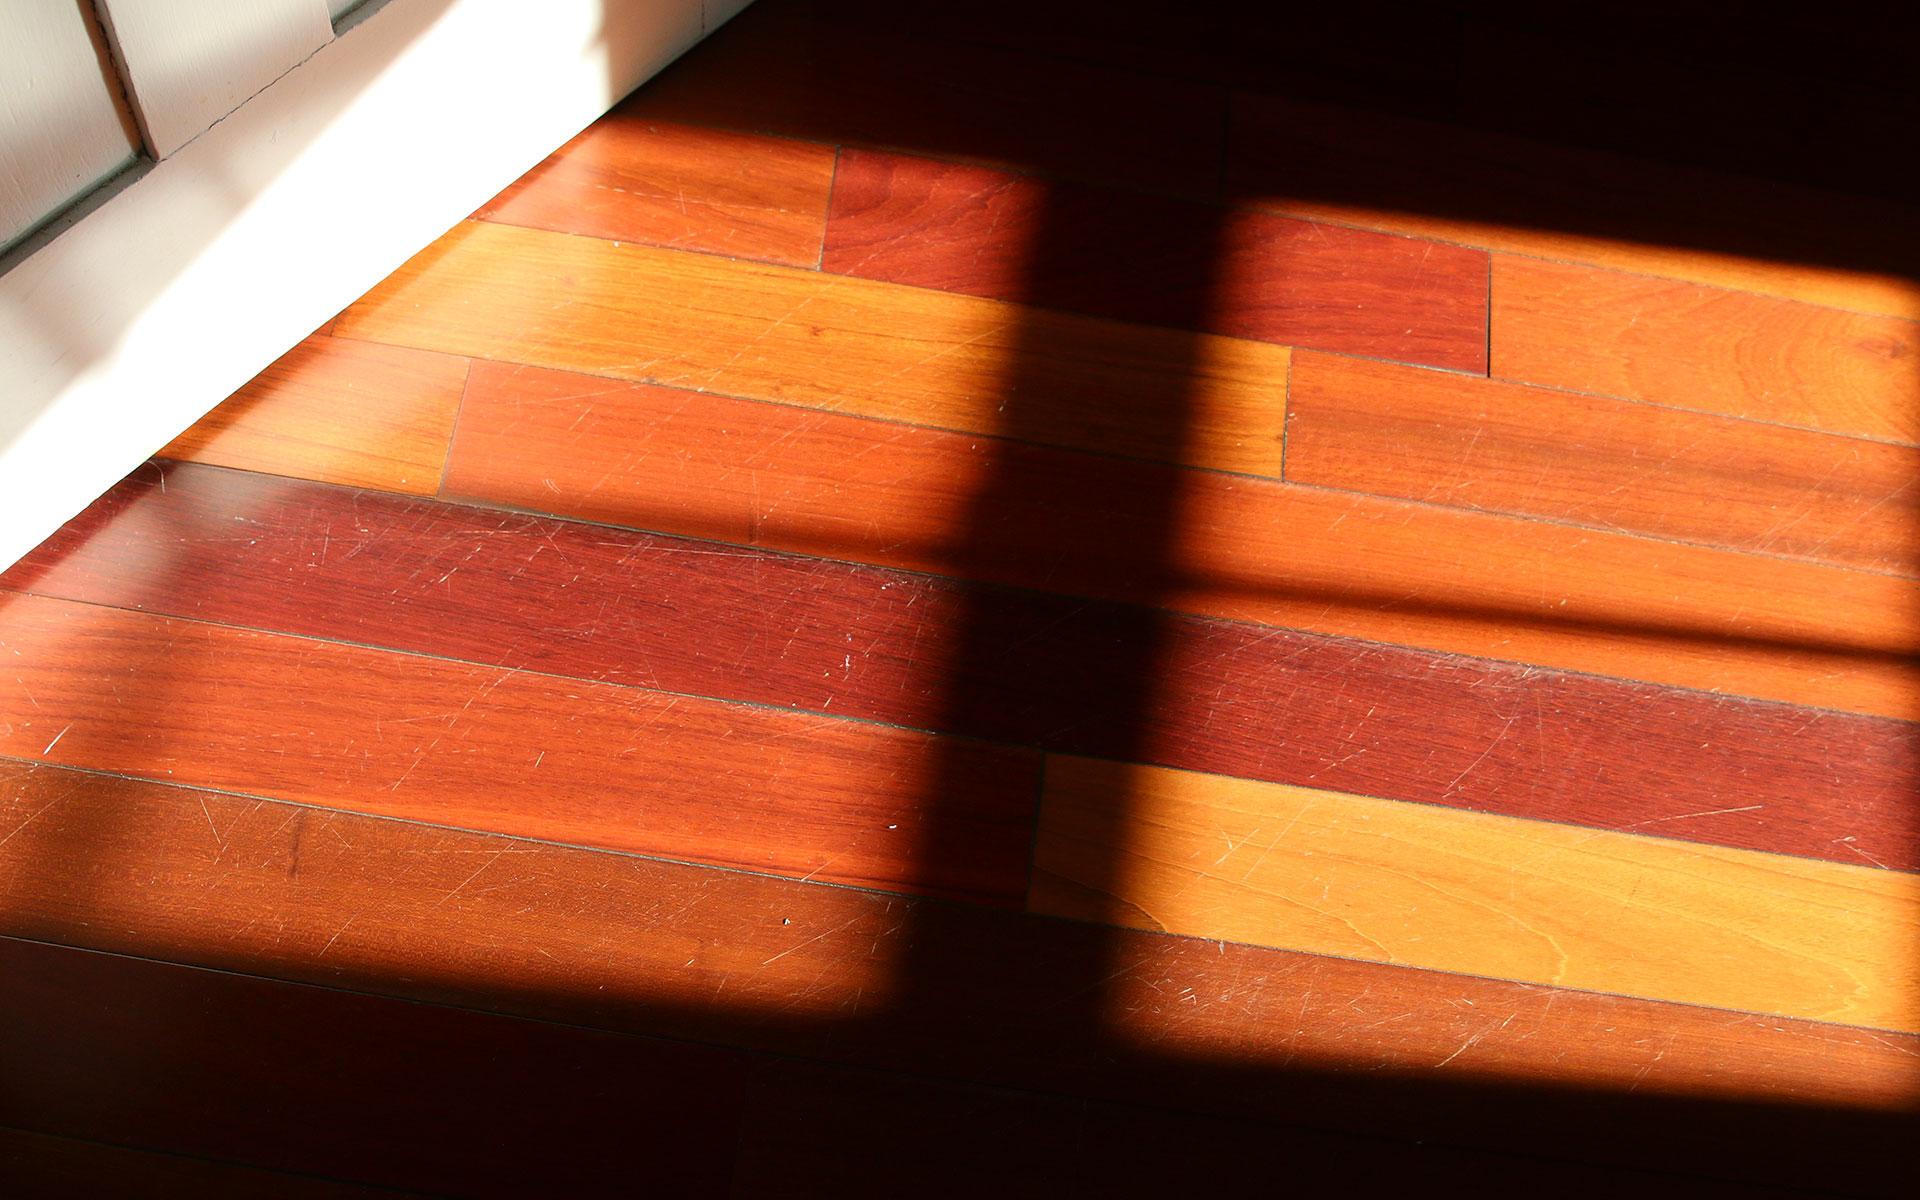 Sunlight_IMG_7534.jpg